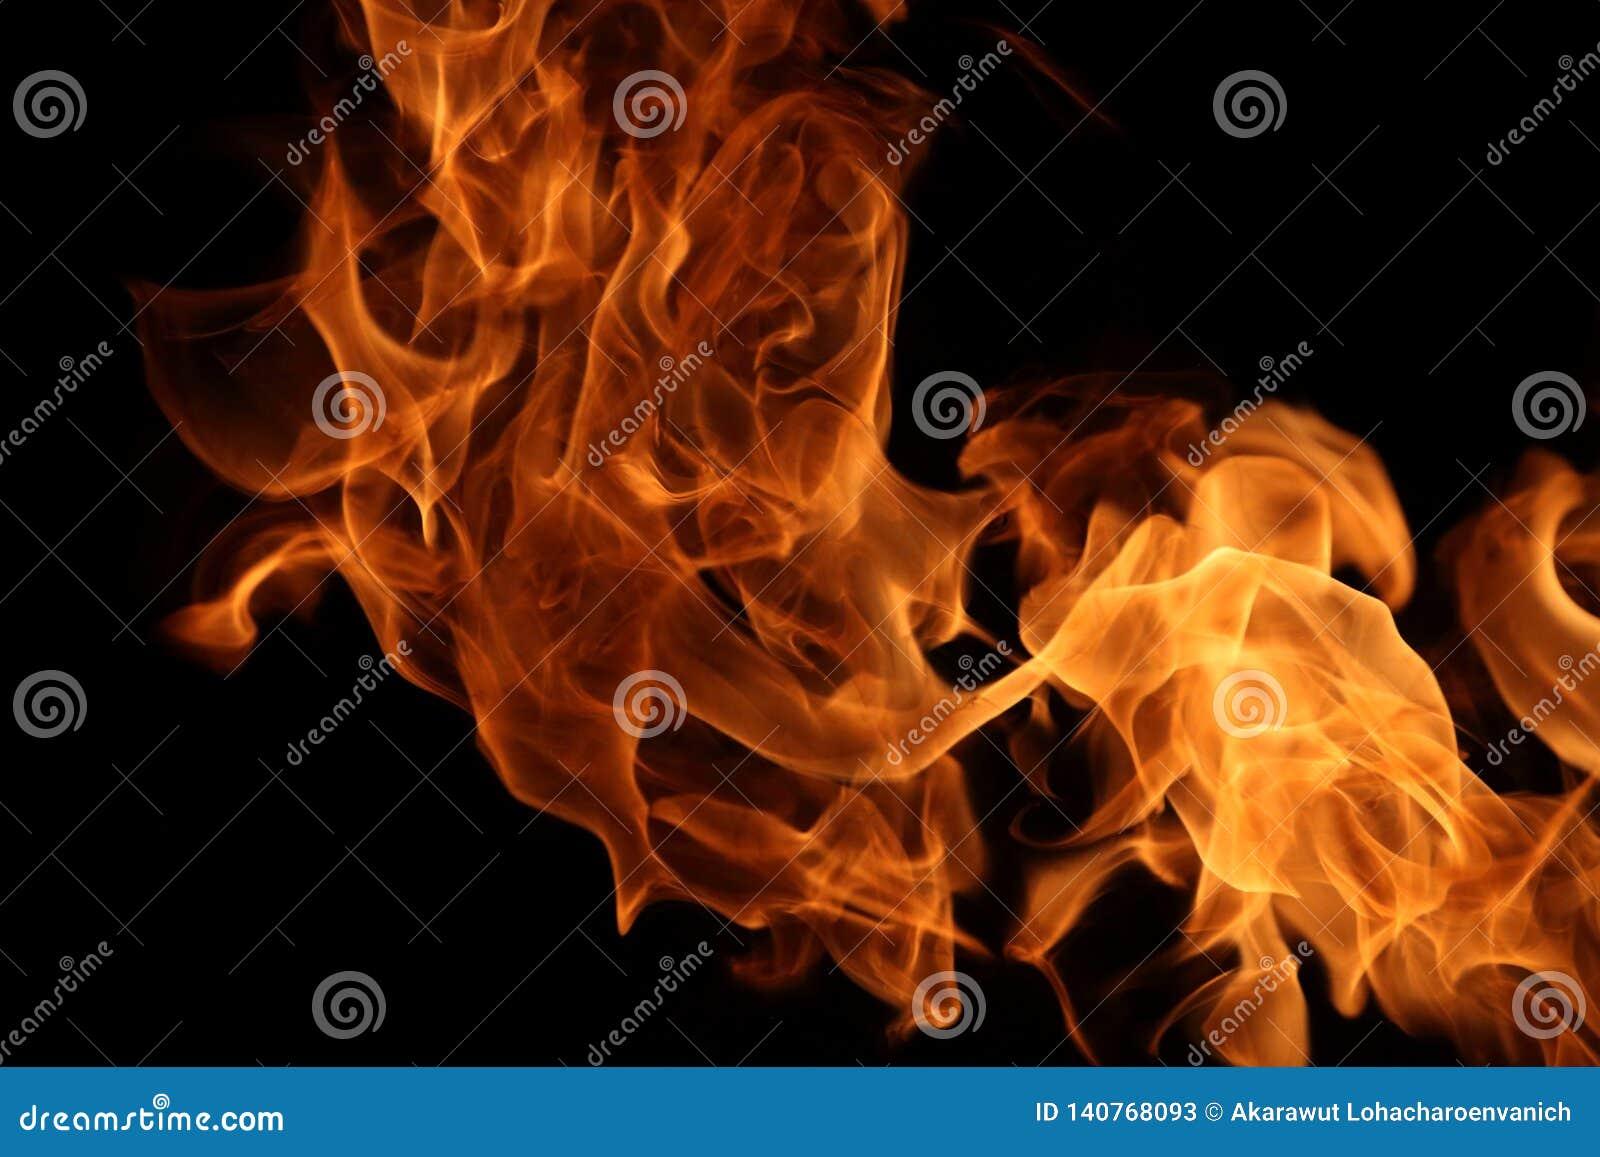 Chama de queimadura no fundo escuro para o projeto gráfico abstrato